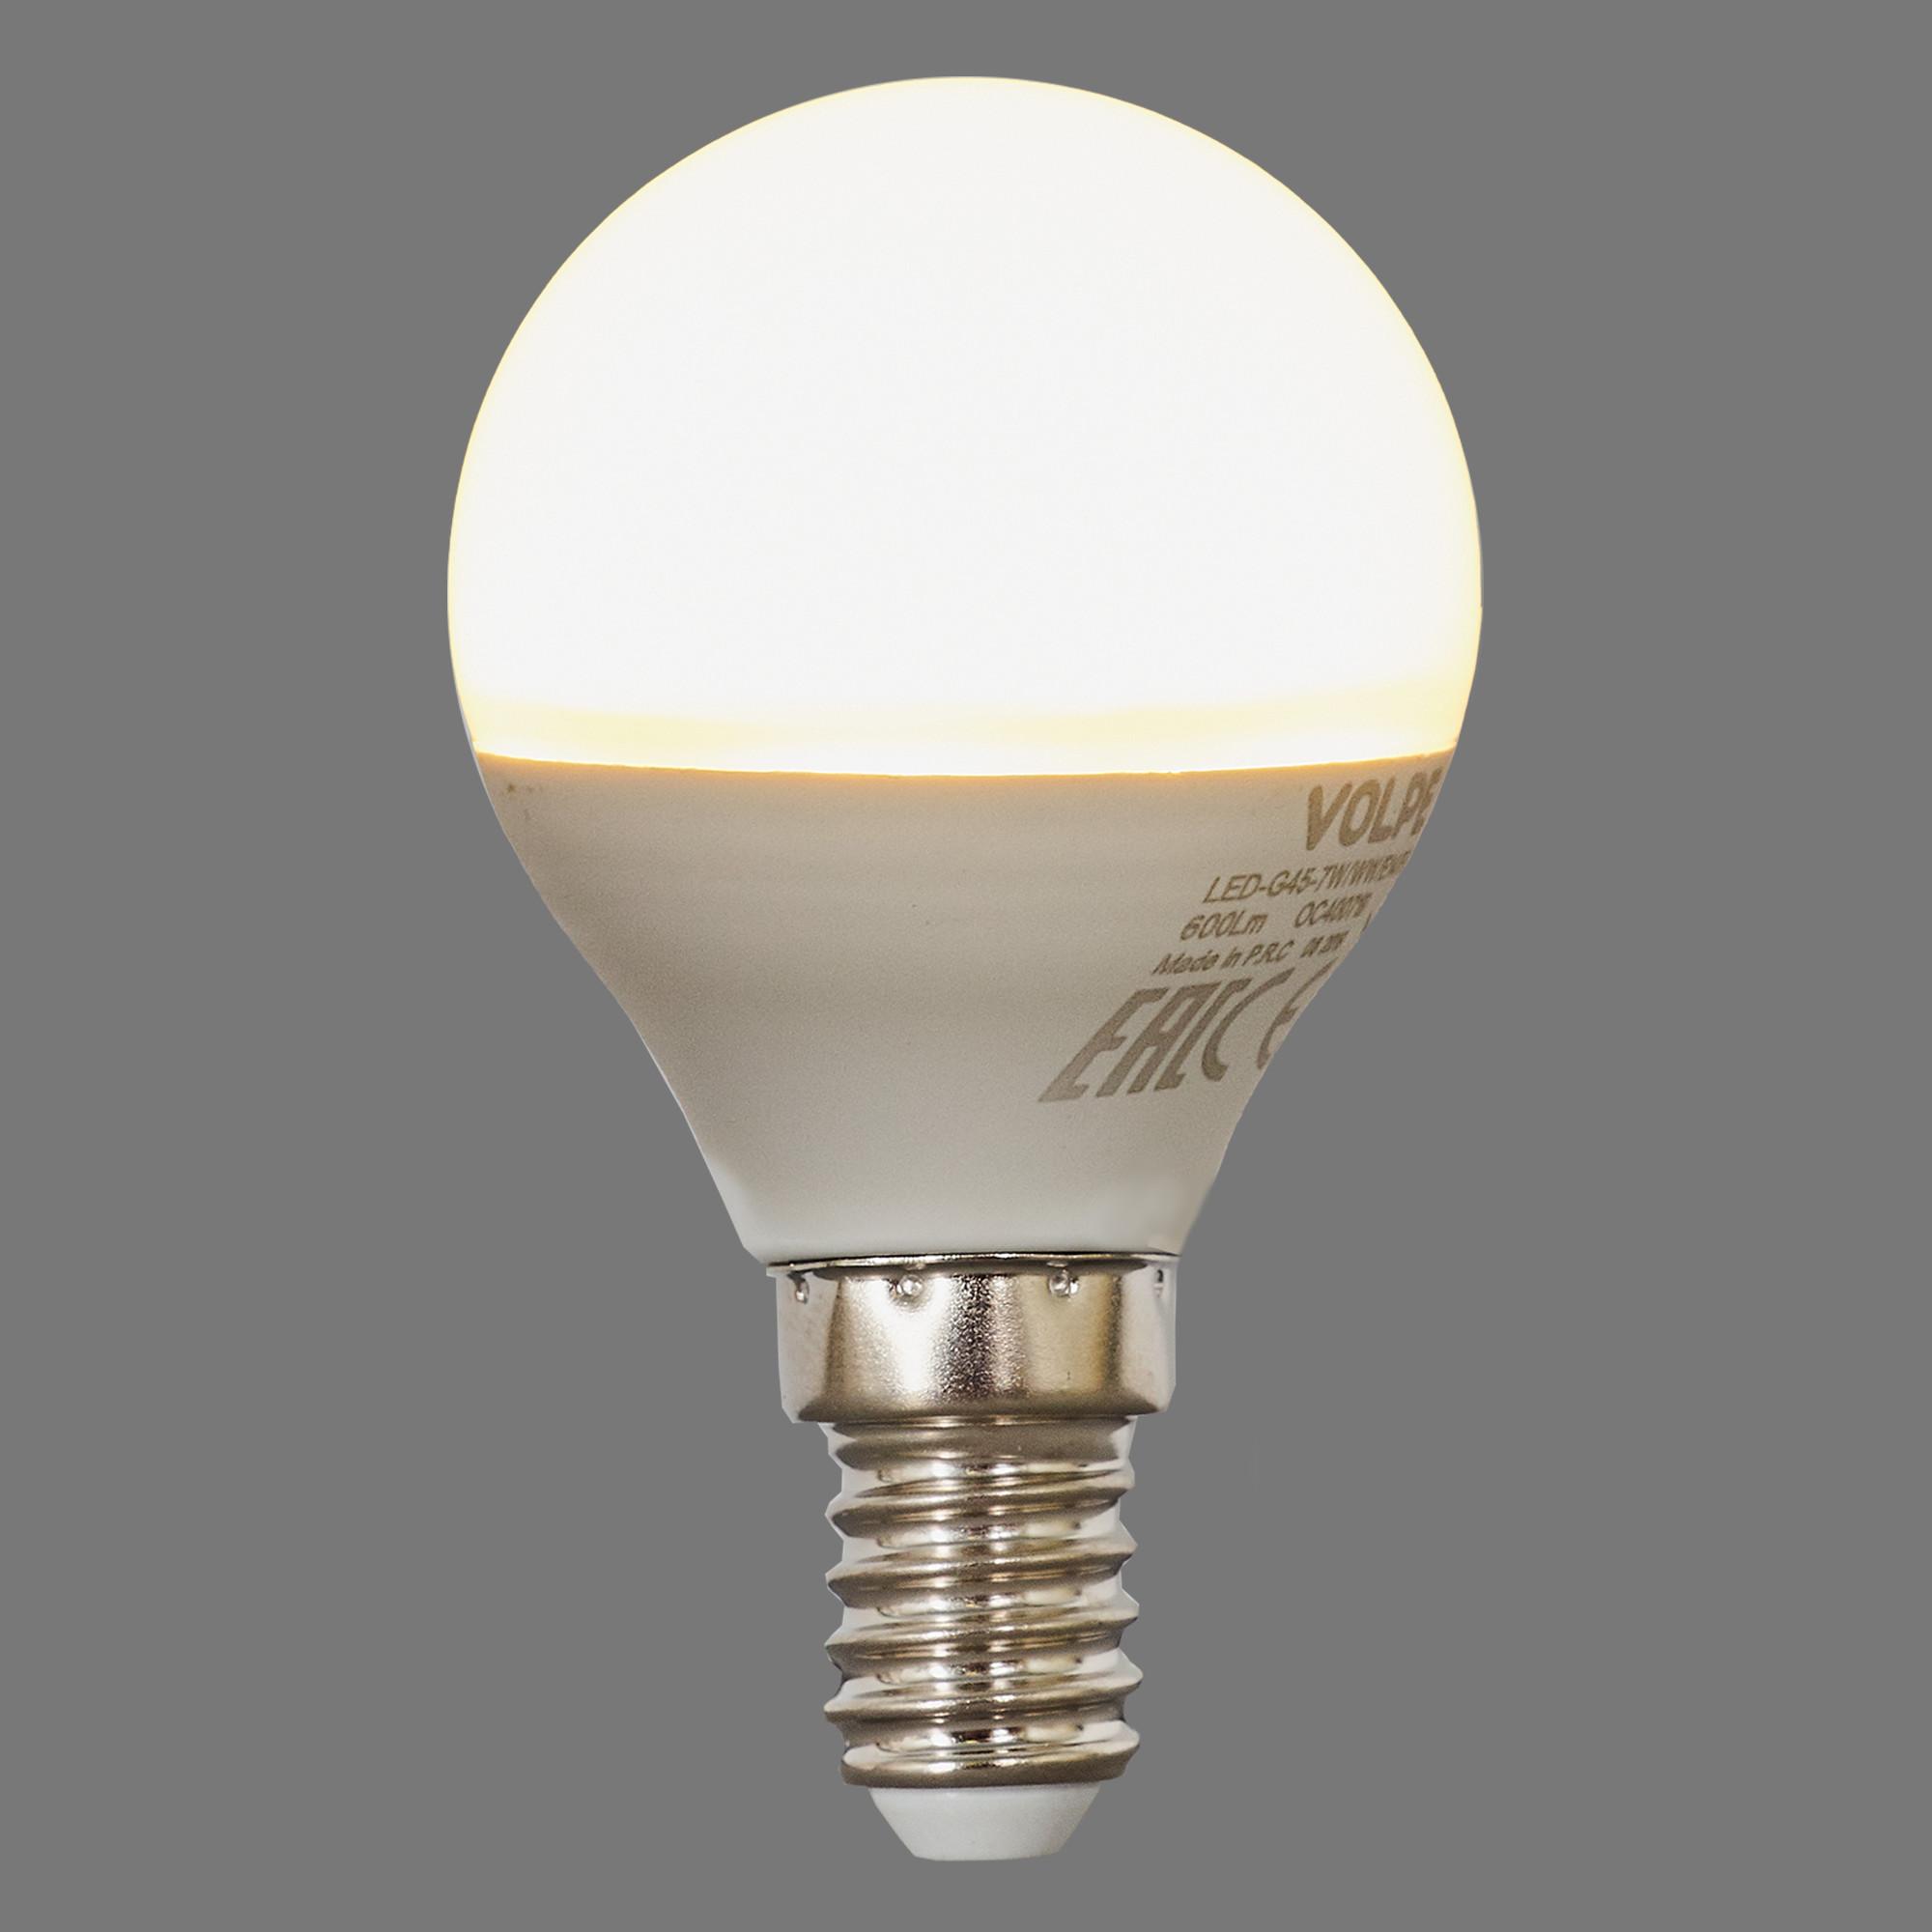 Лампа светодиодная Volpe Norma E14 220 В 7 Вт шар 600 лм тёплый белый свет